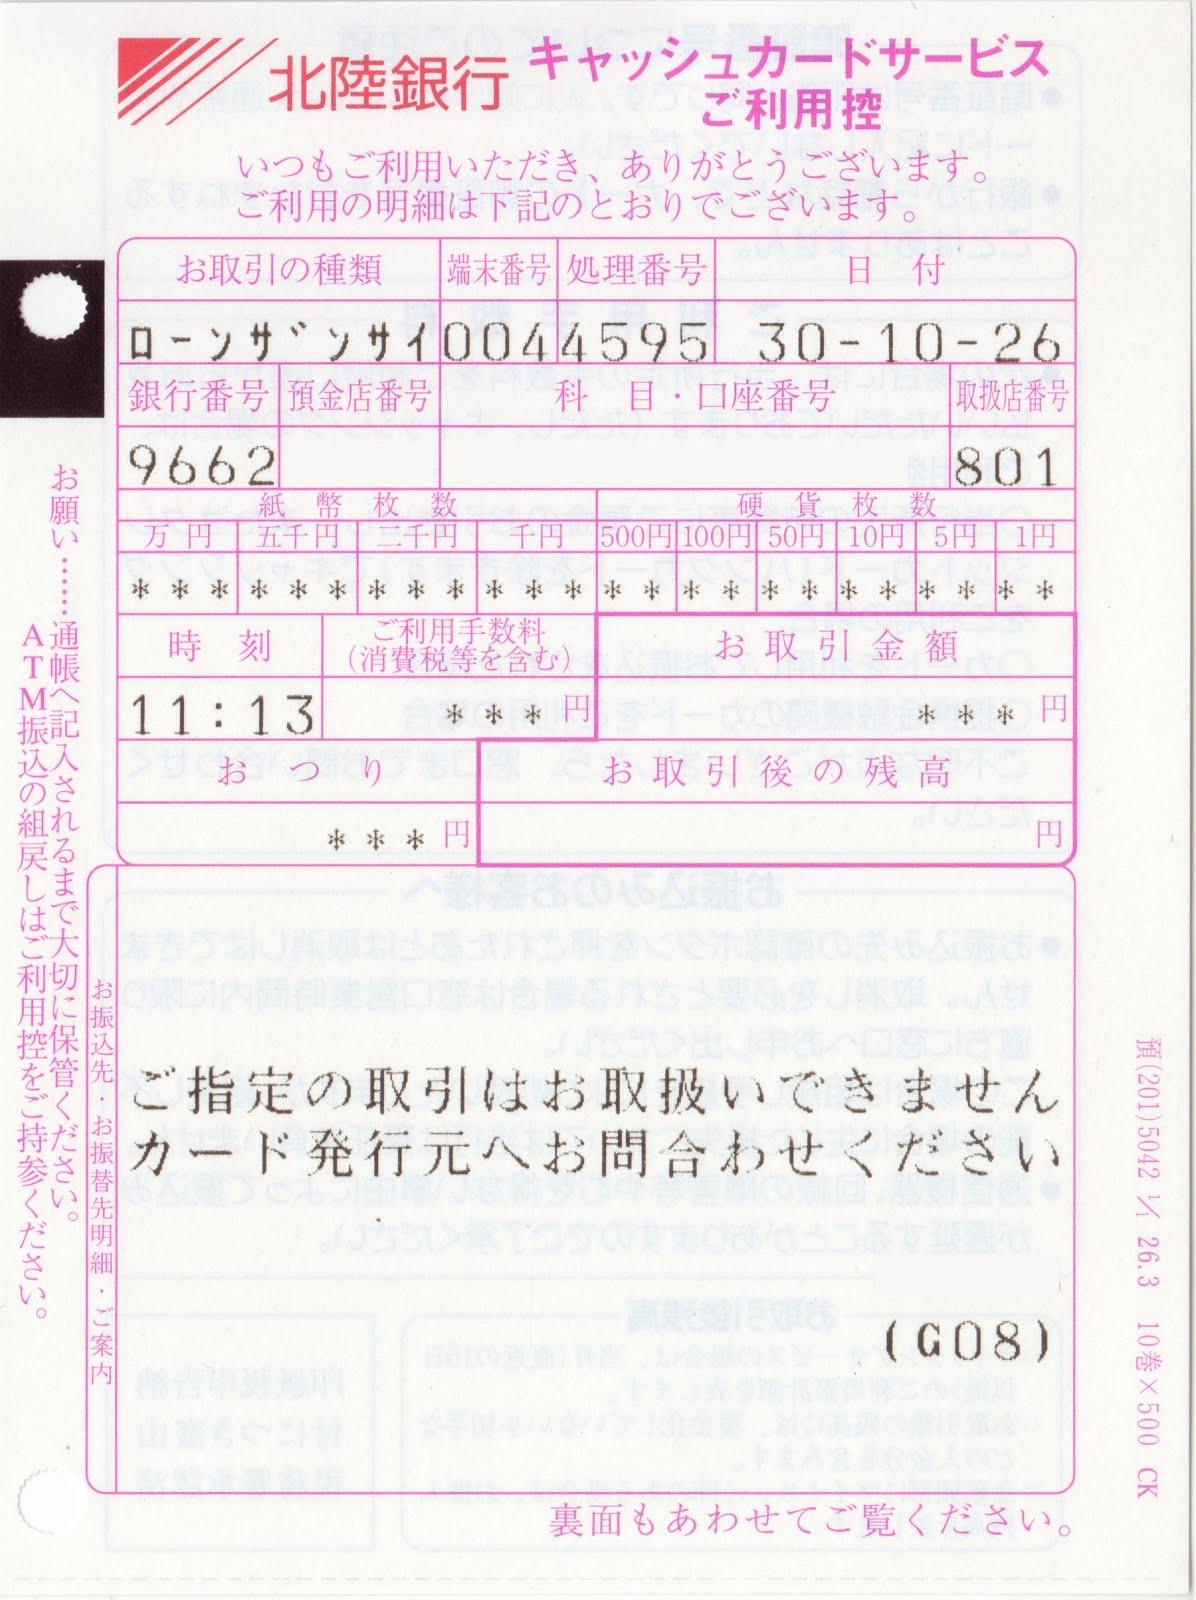 yoshi223のブログ: 銀行ATMのご利用明細票コレクション